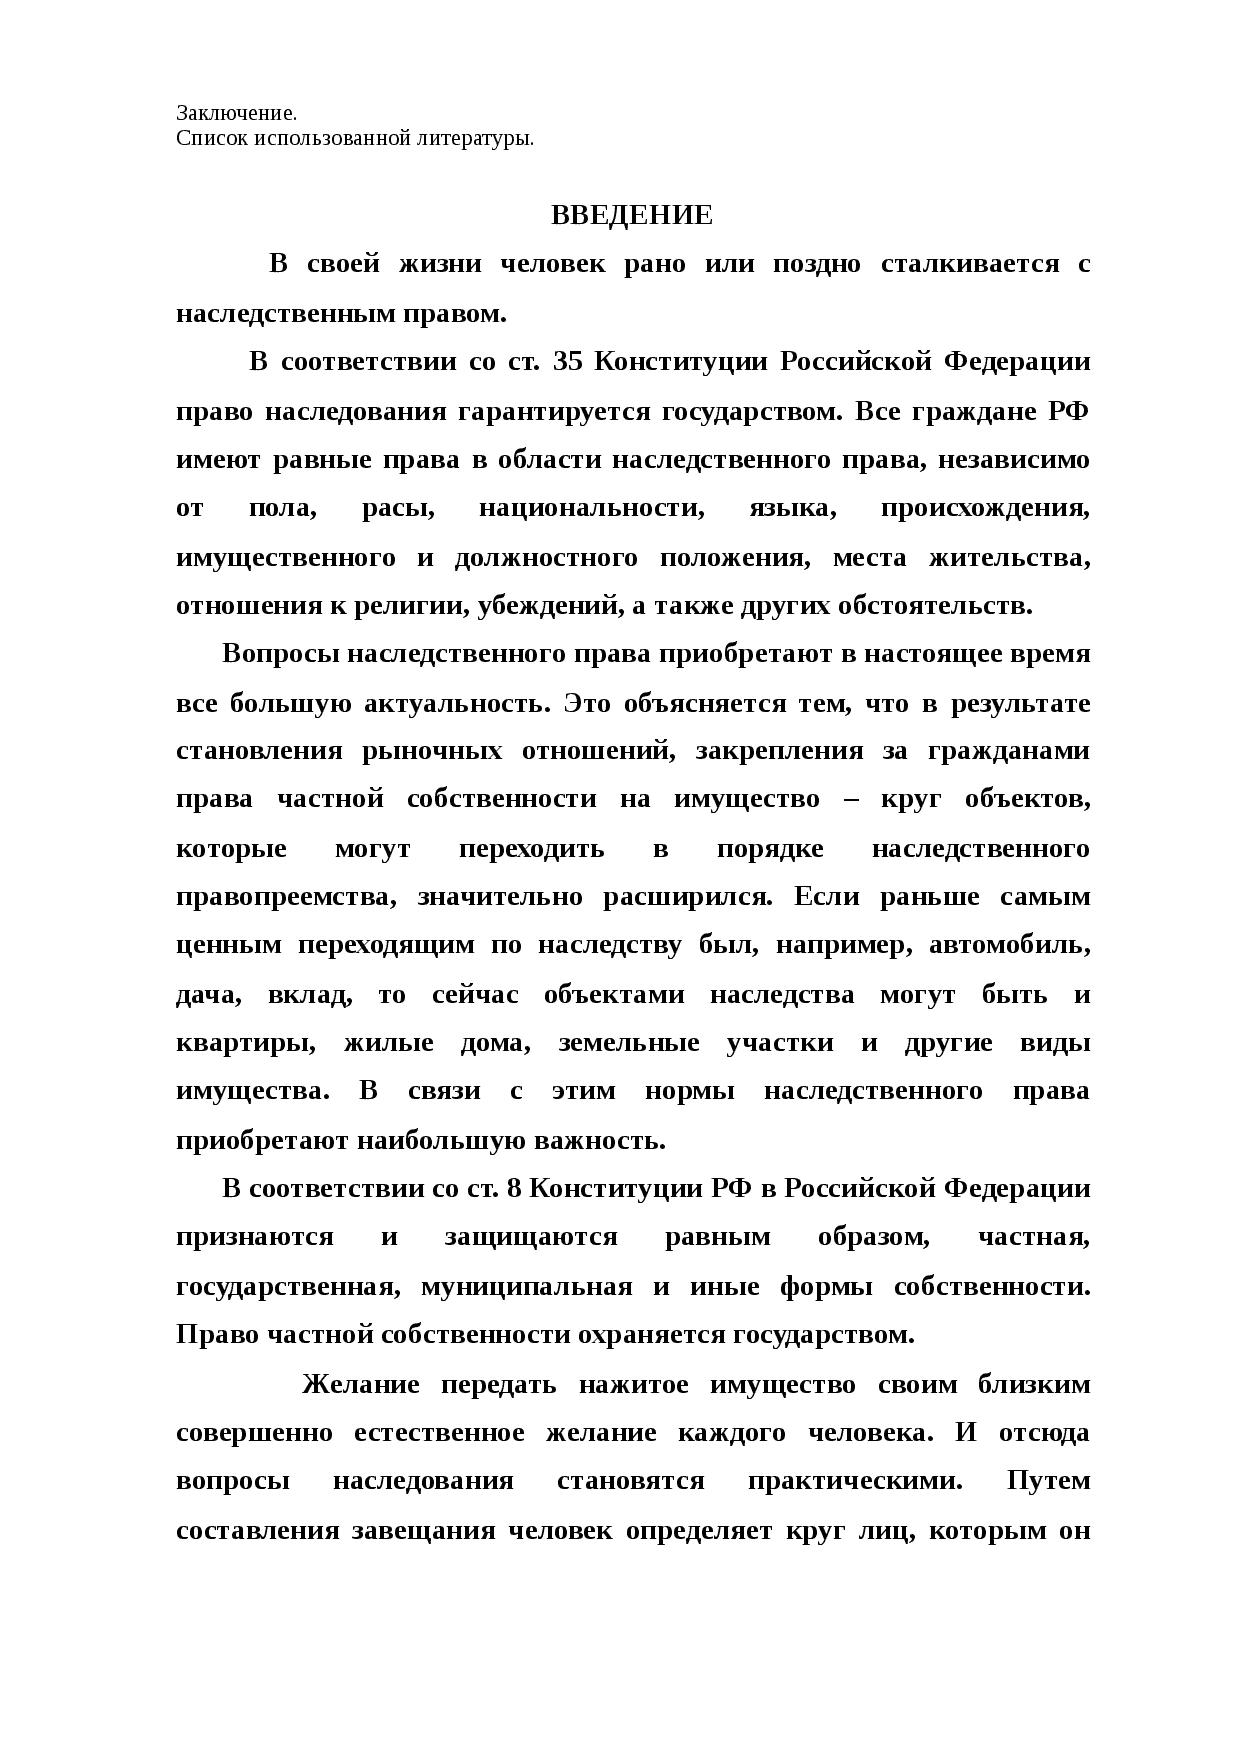 Статья 1116. лица, которые могут призываться к наследованию